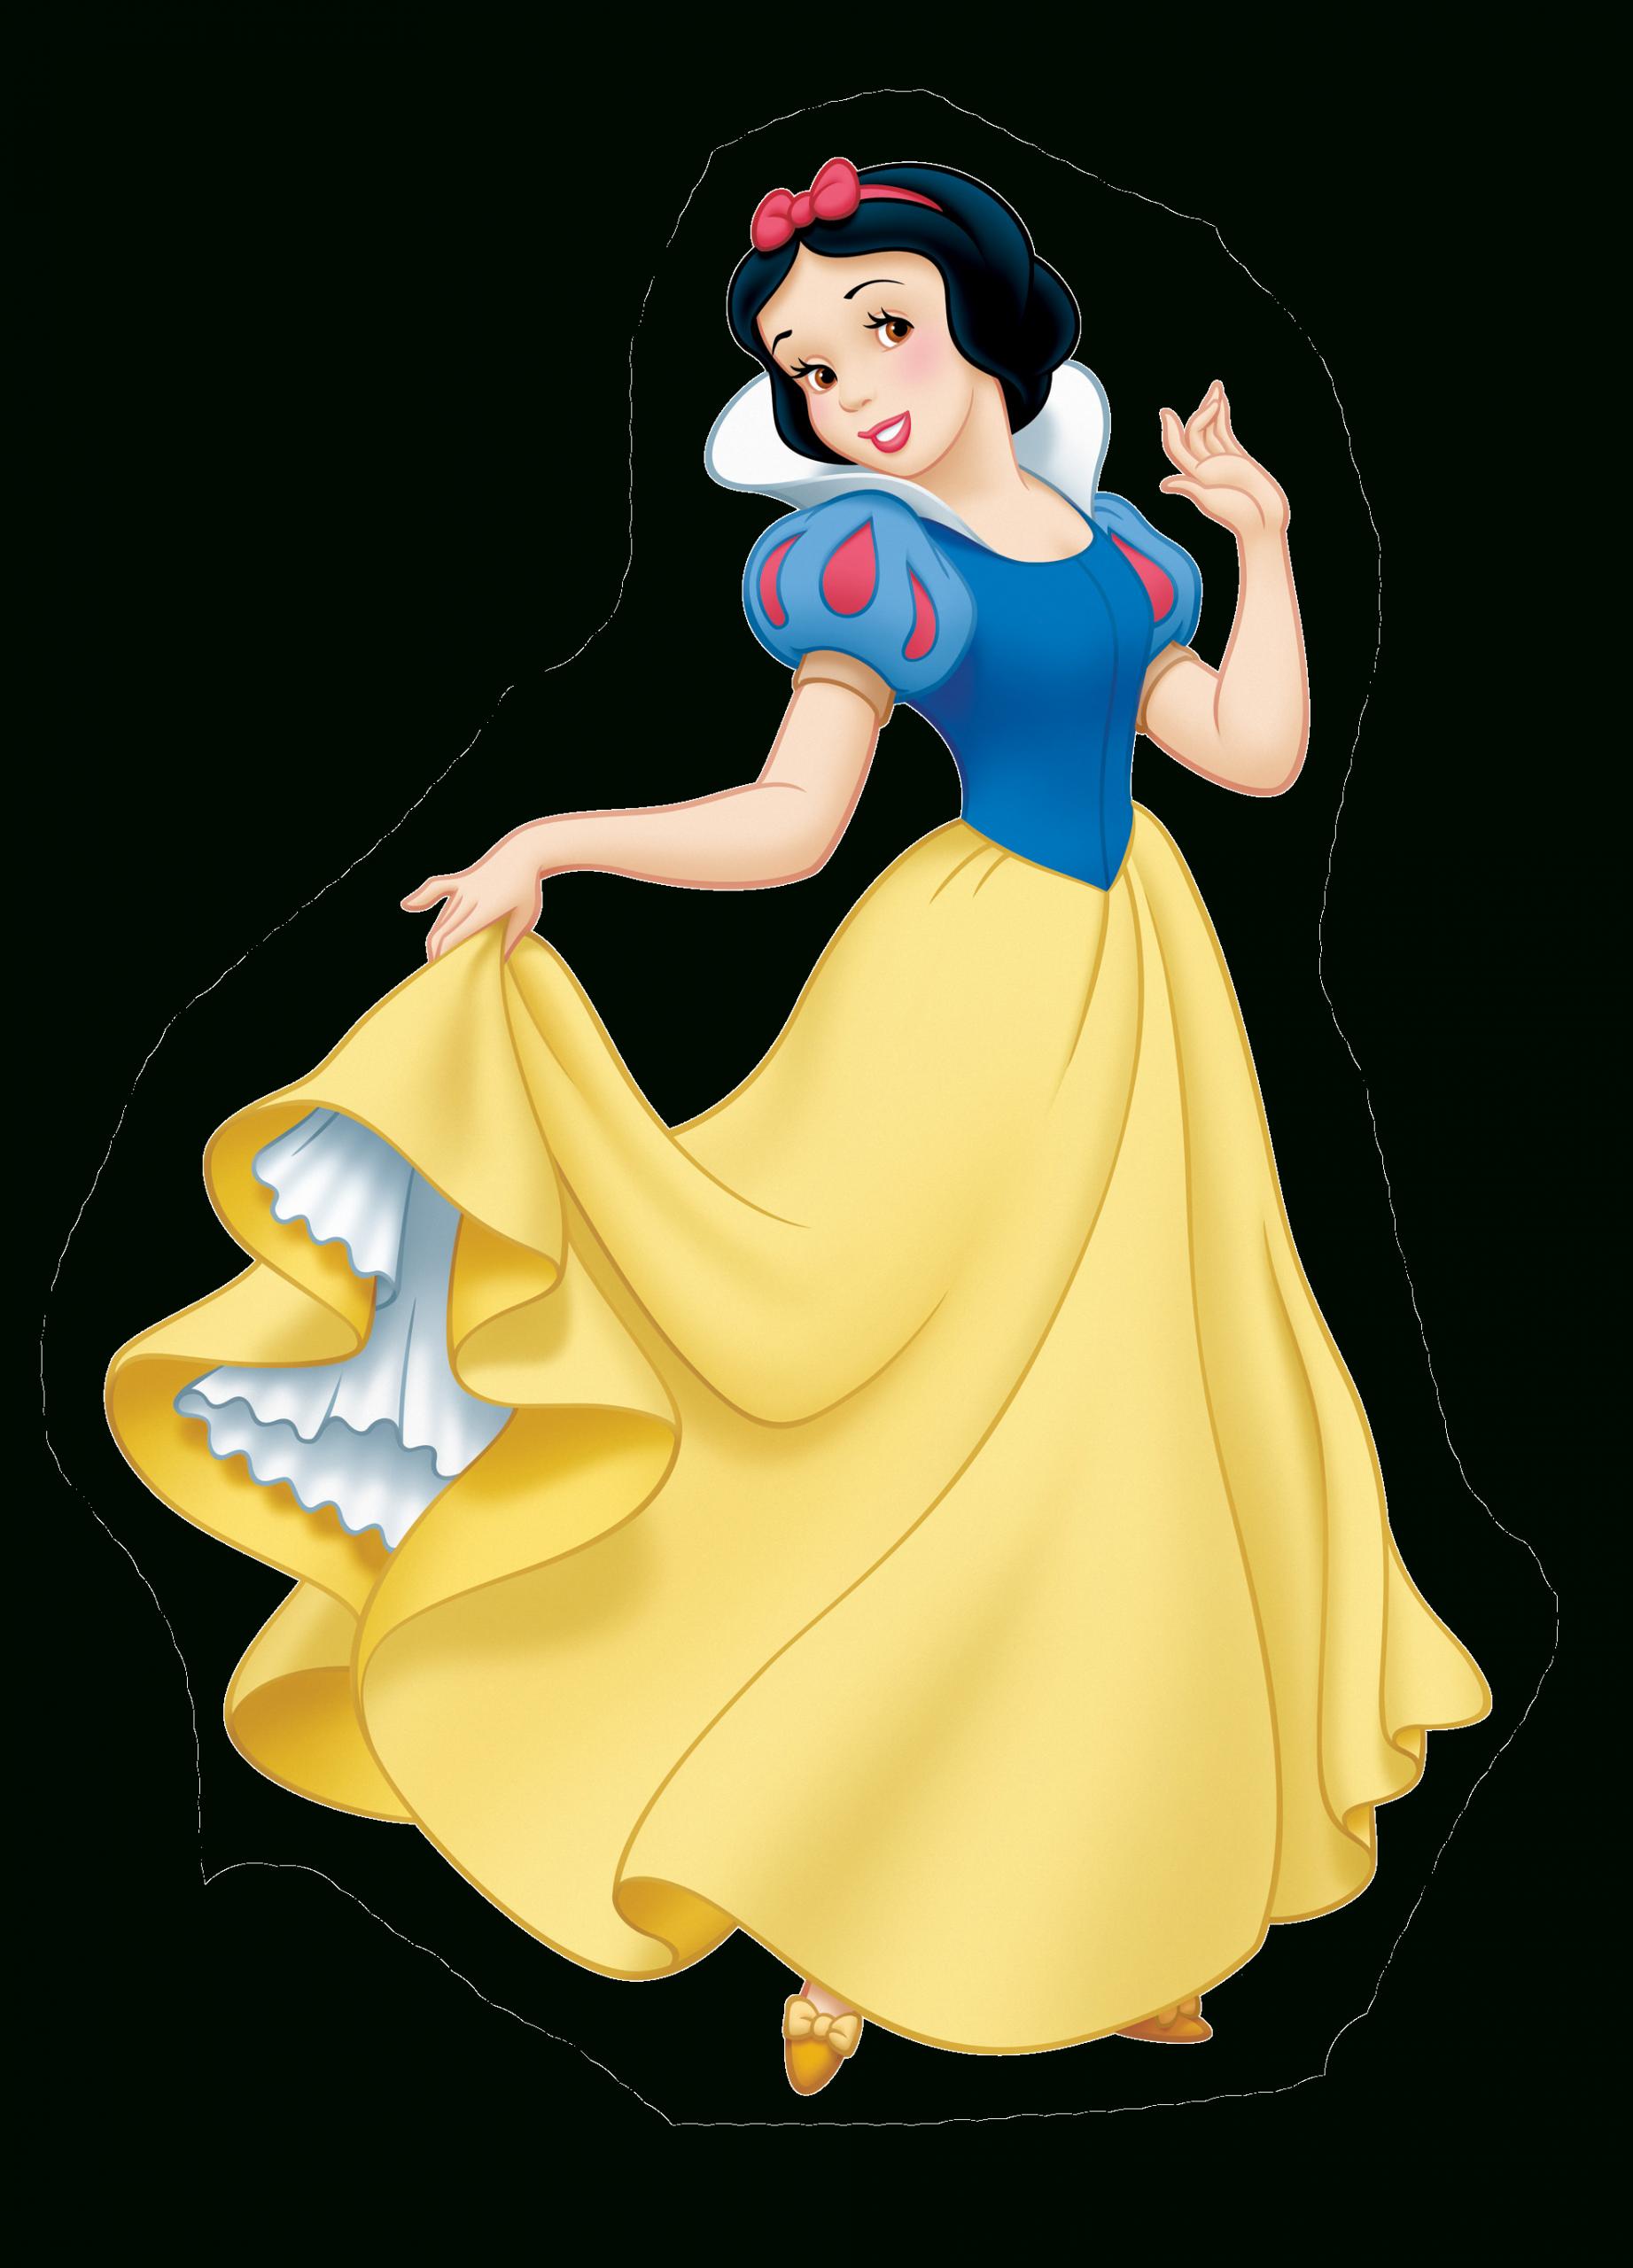 Coloriage Princesse Blanche Neige À Imprimer tout Blanche Neige À Colorier Et Imprimer